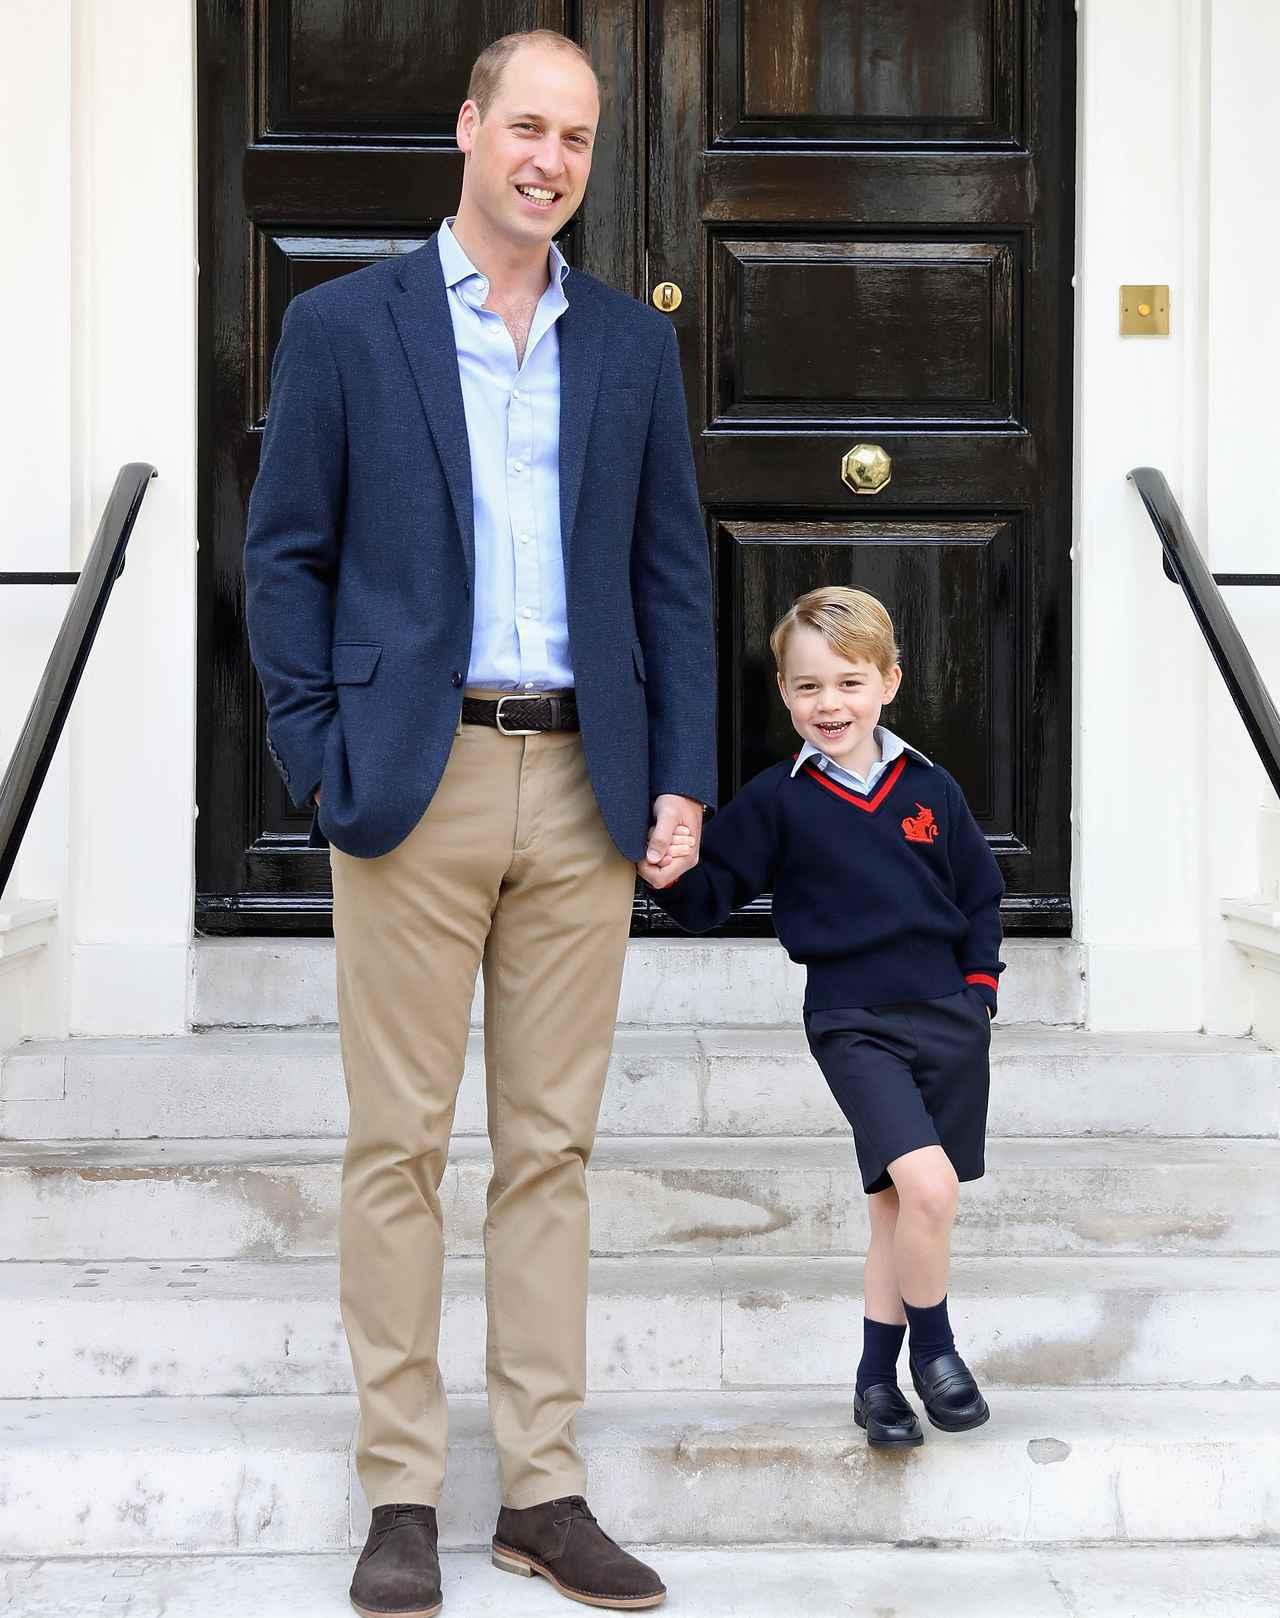 画像2: ジョージ王子、「王子らしくない」優しさで周囲を感動させる